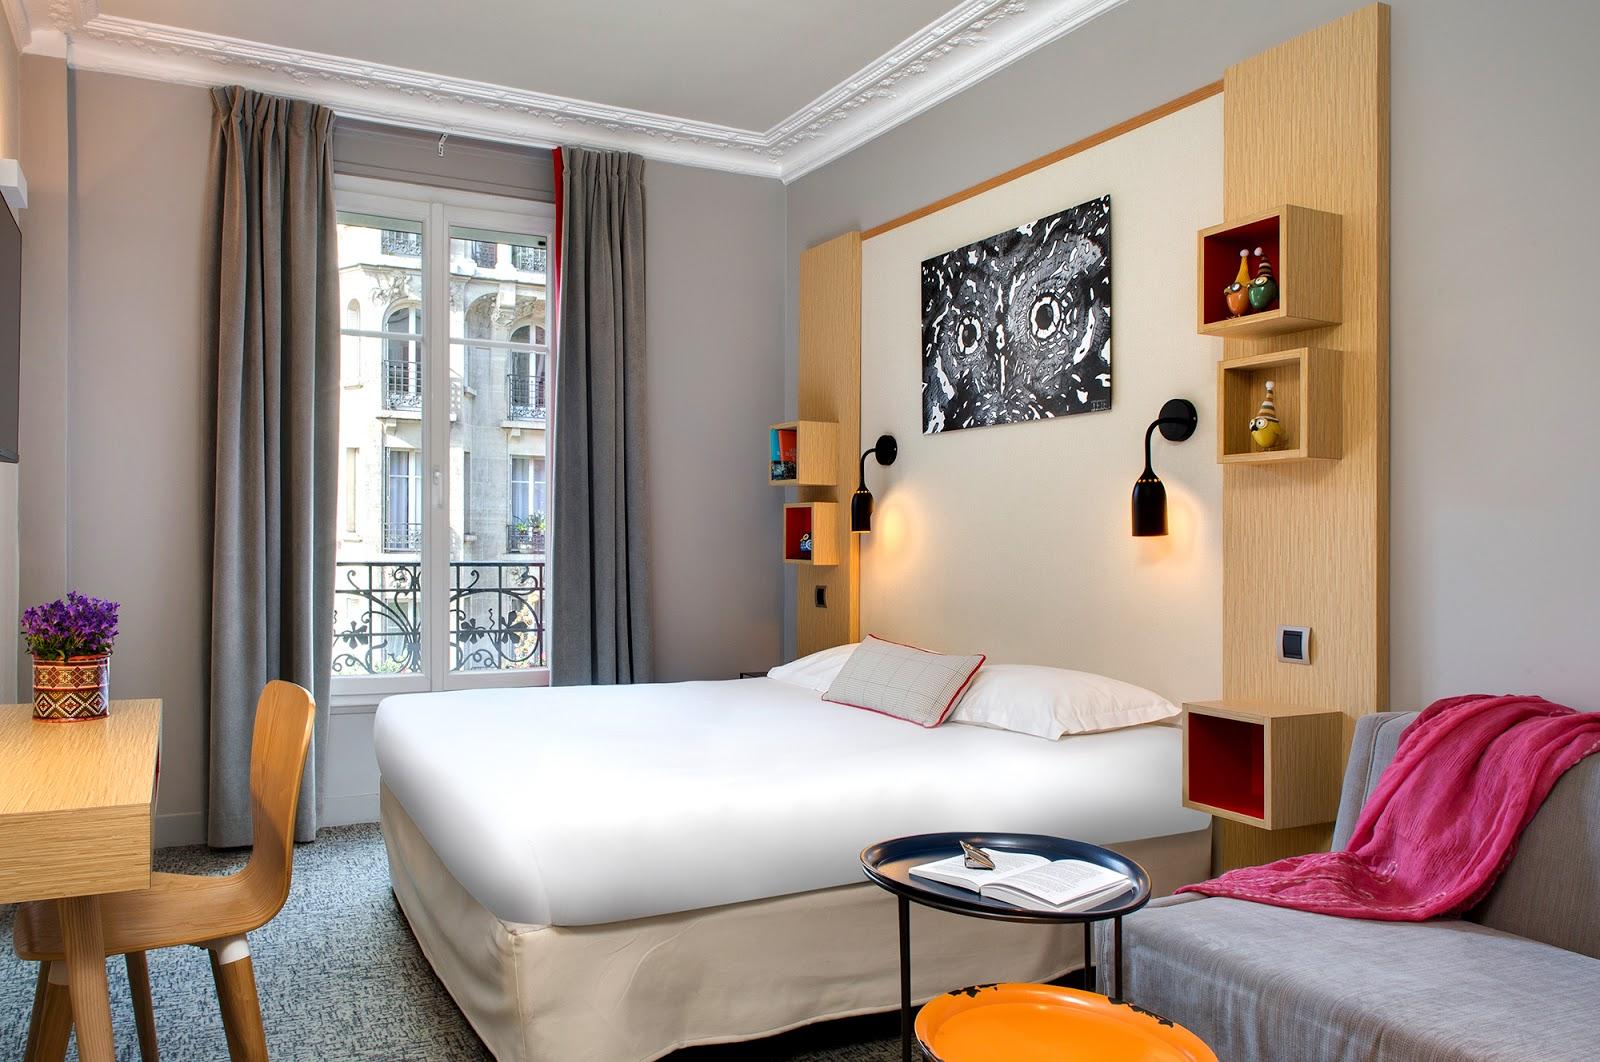 Chouette Hôtel Paris